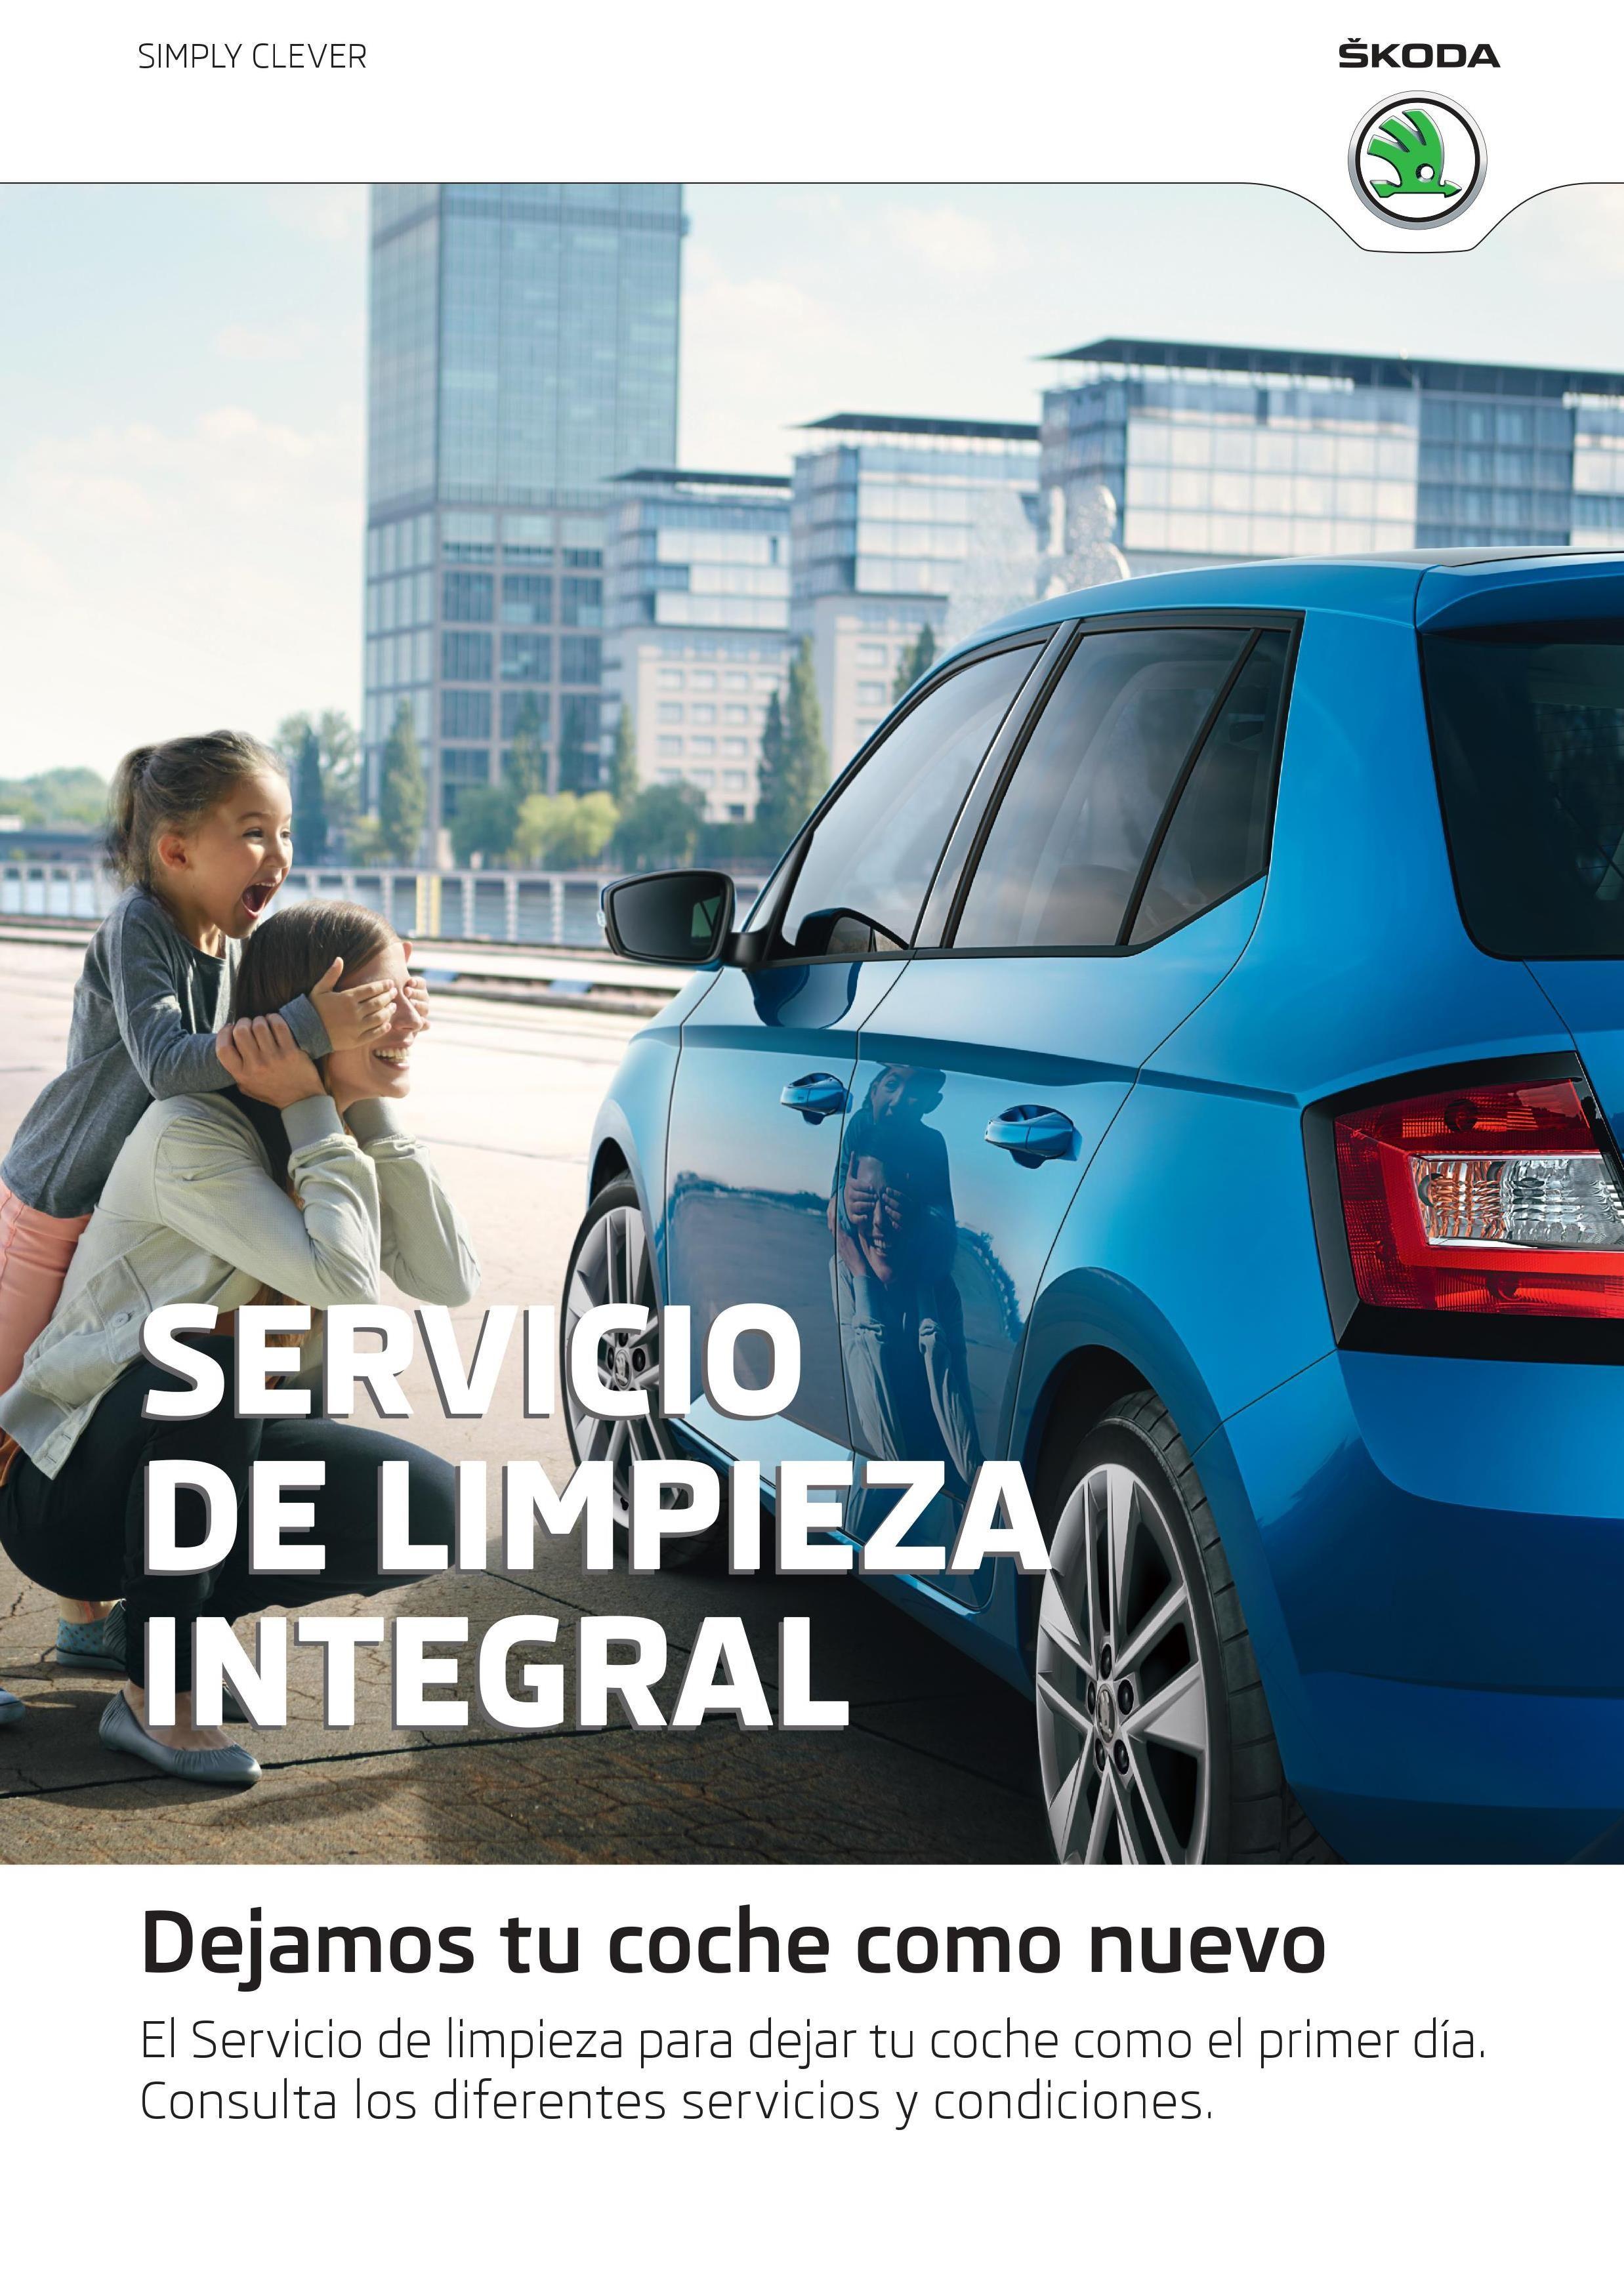 Dejamos tu coche como nuevo.